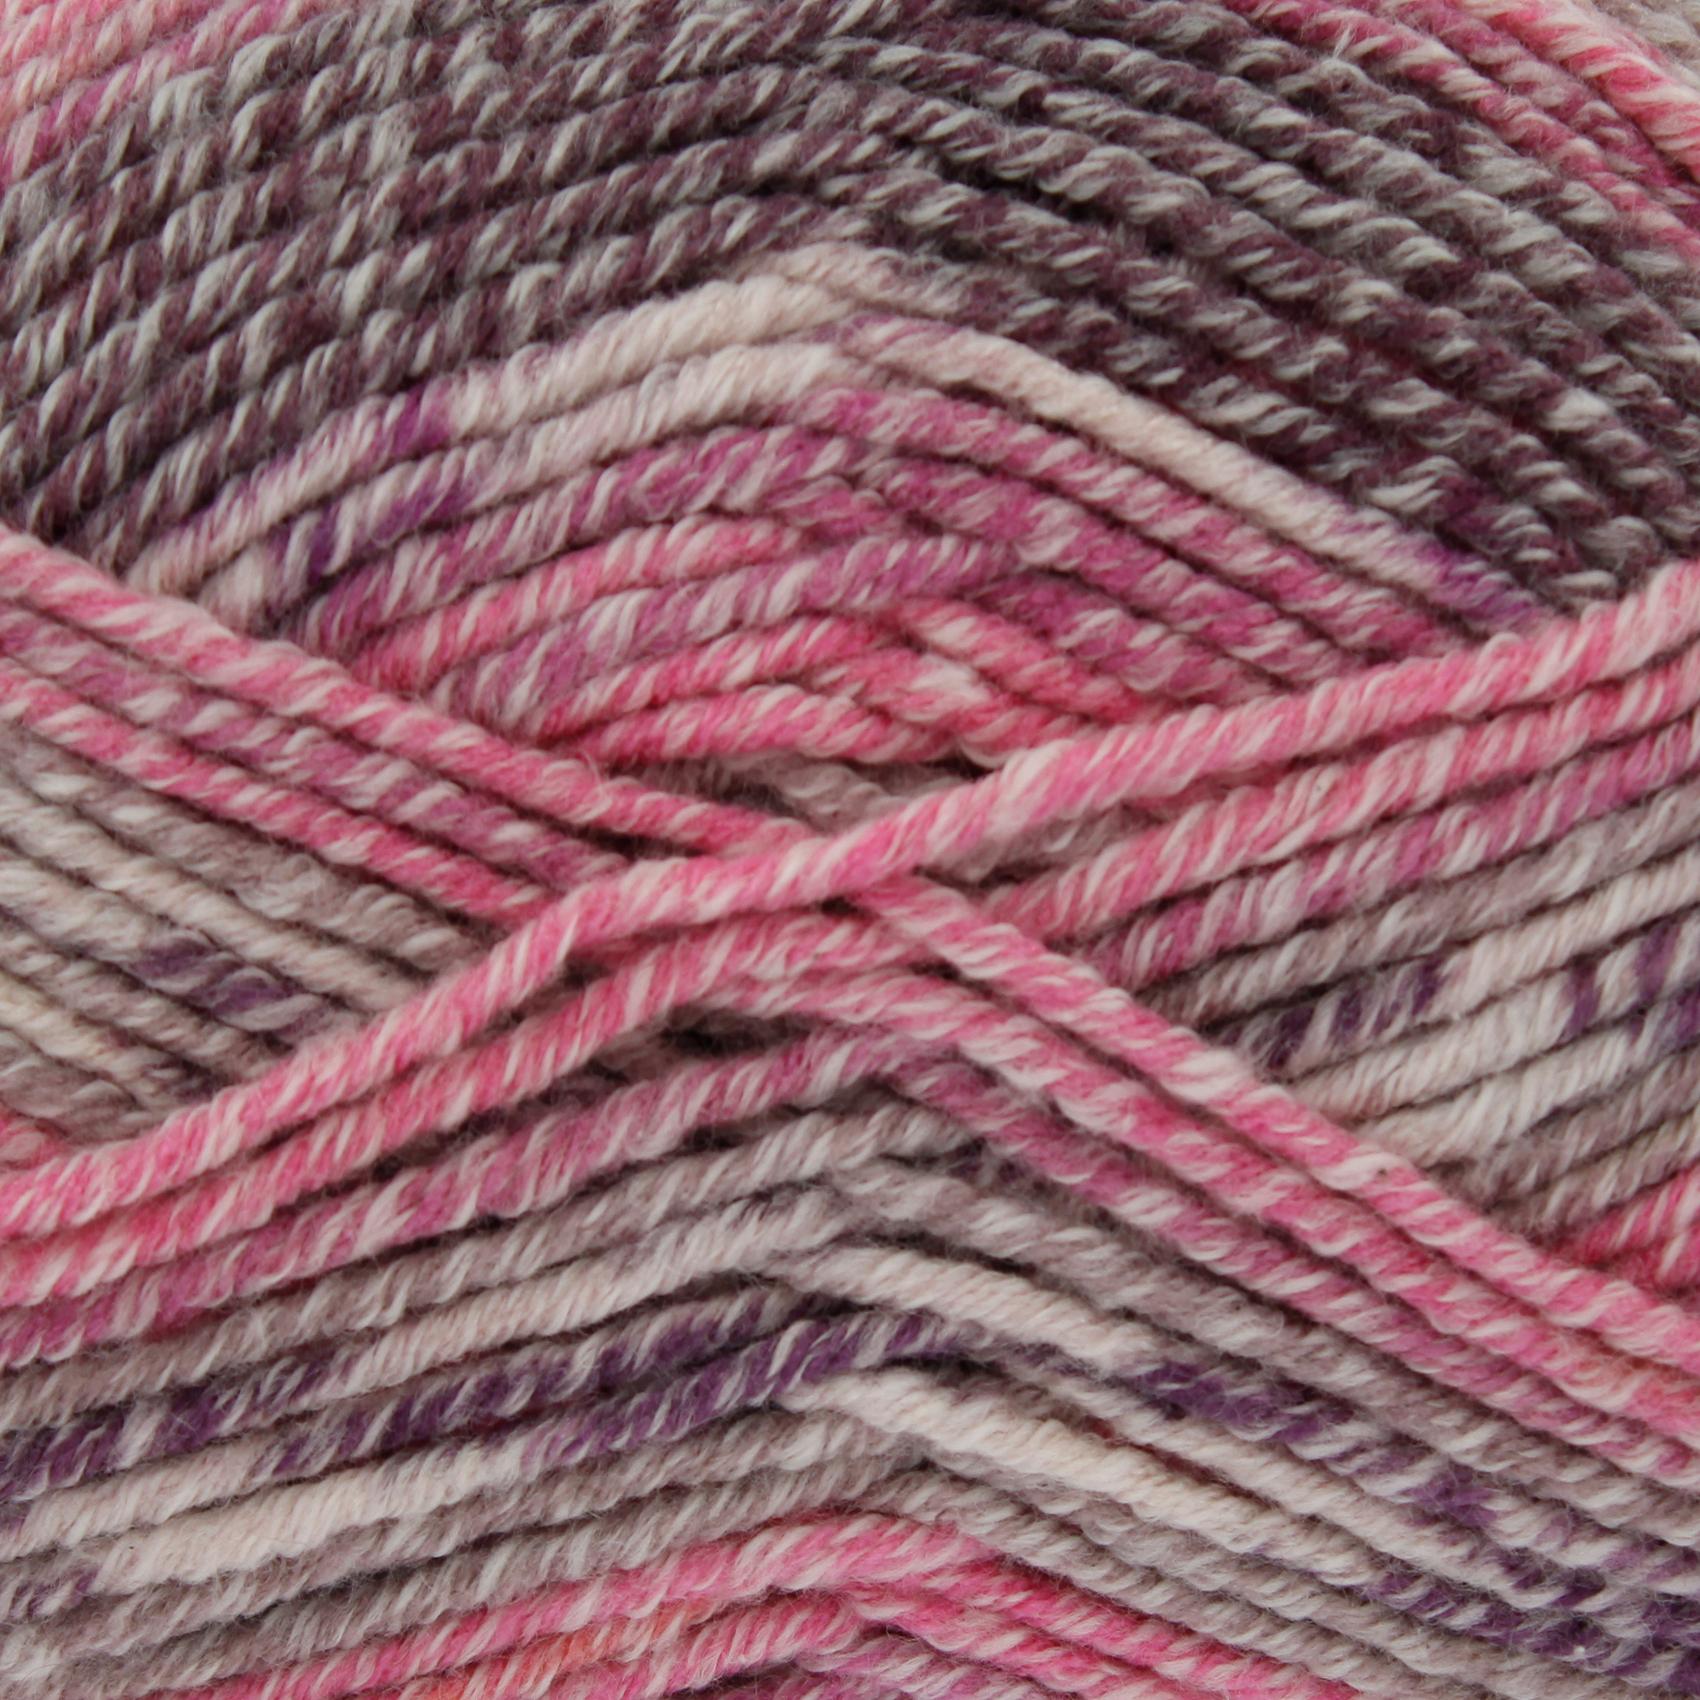 Free King Cole Knitting Patterns : 100g Ball Drifter Chunky Knitting Yarn King Cole Soft Acrylic Wool Free Patte...